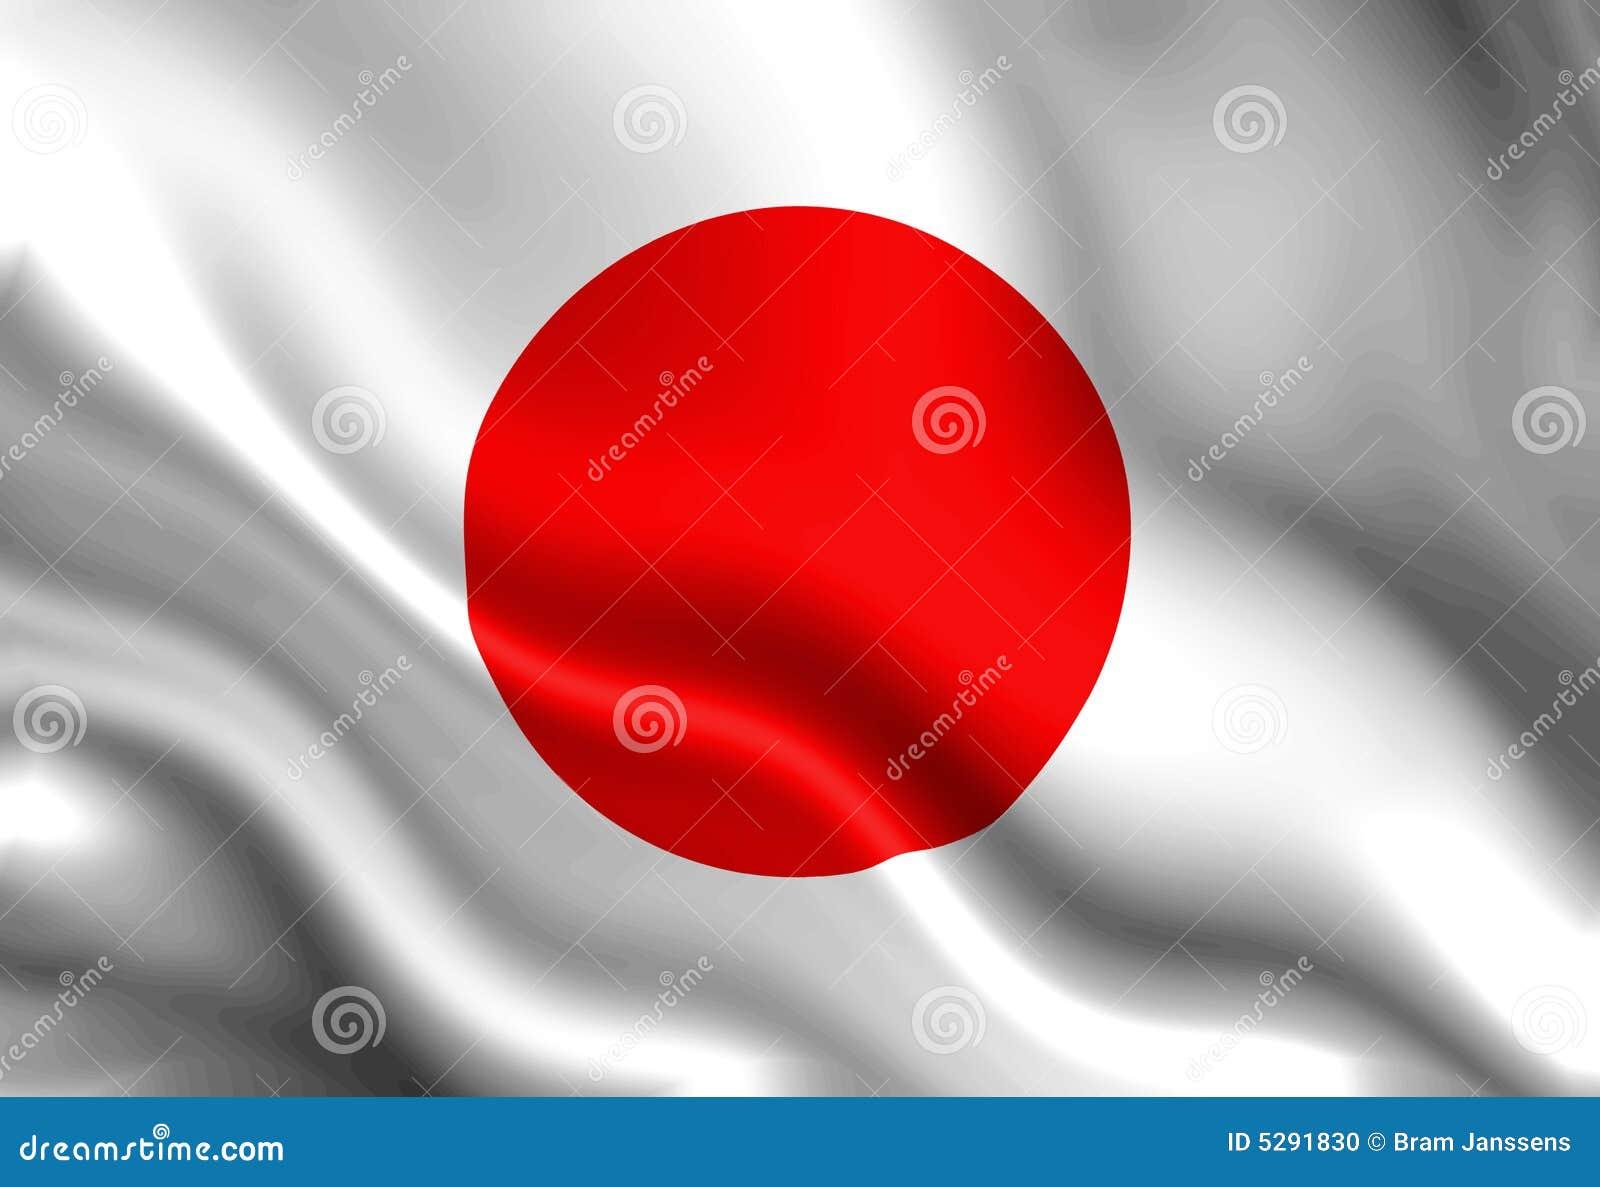 japanese flag stock photo image 5291830